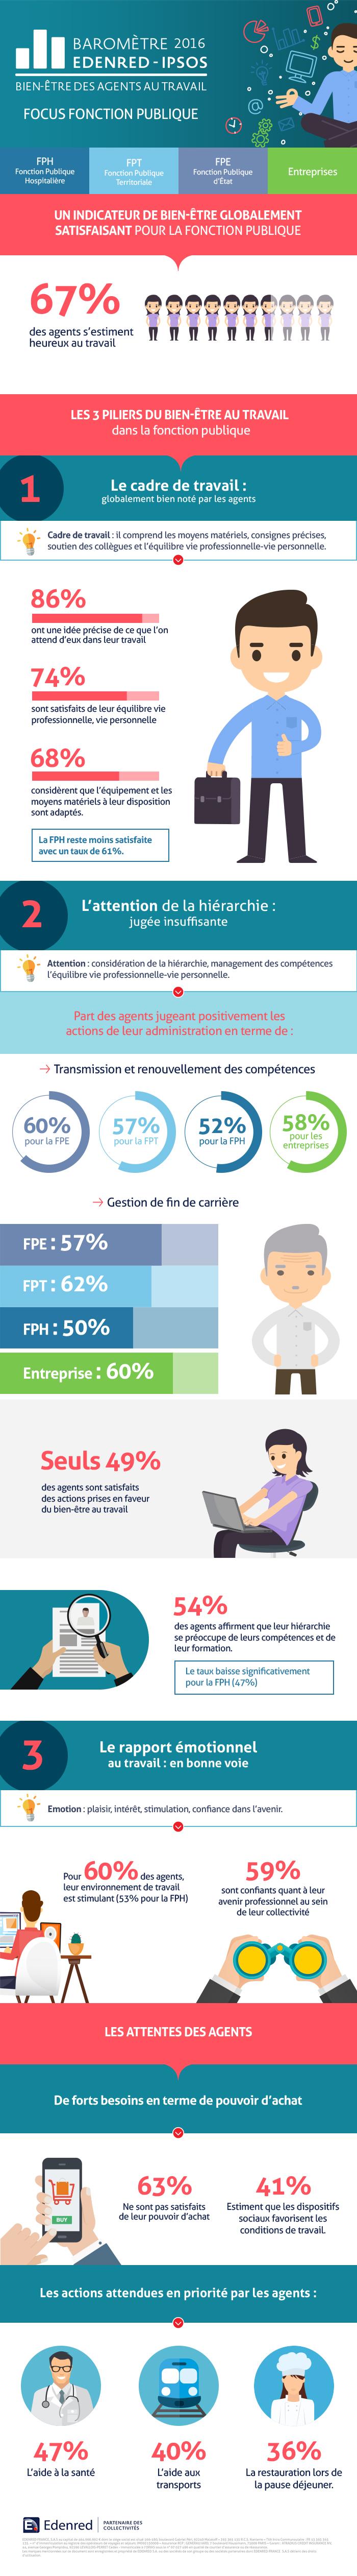 Infographie-bien-etre-travail